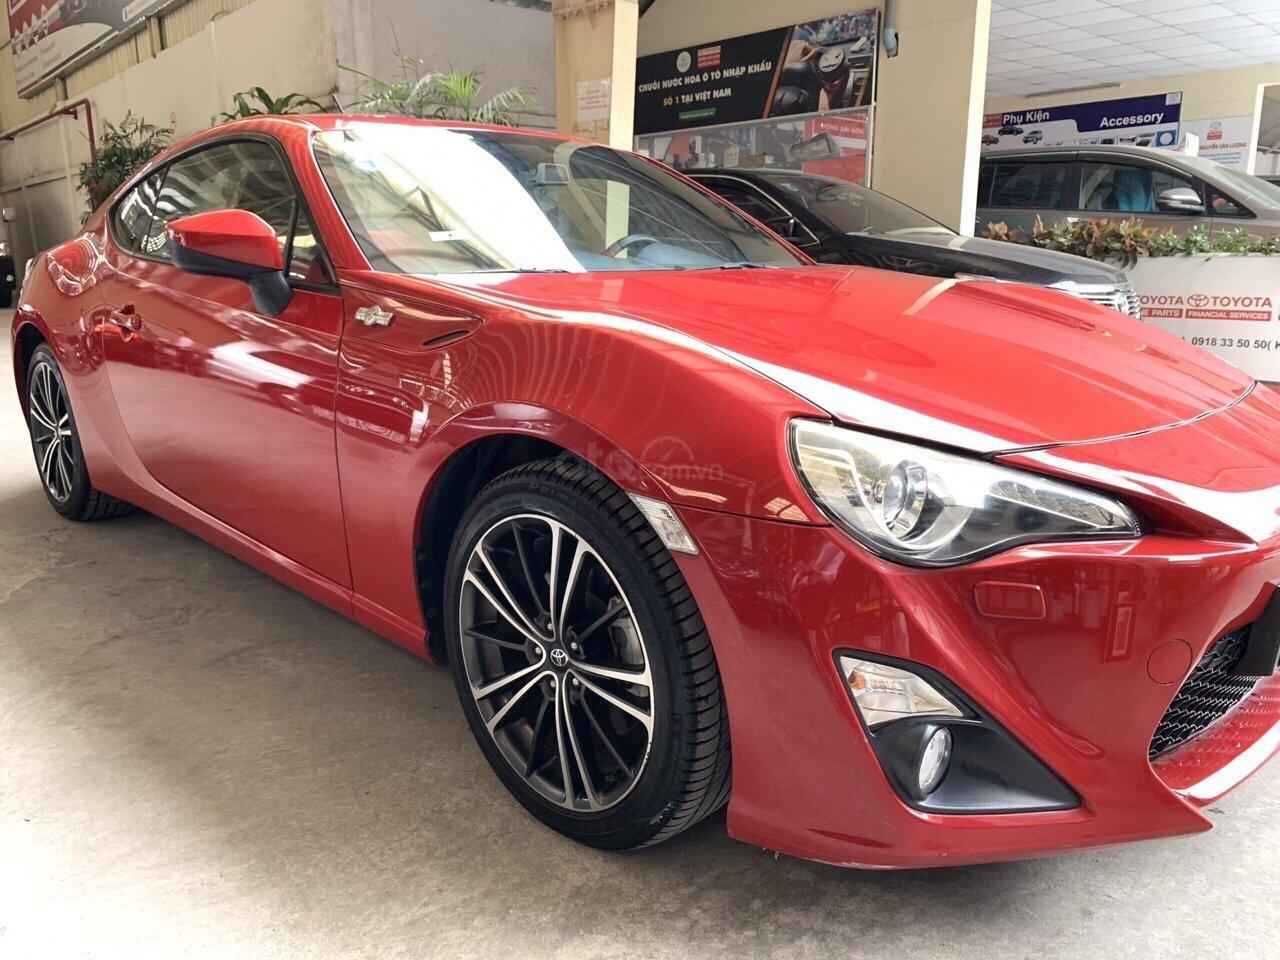 Bán Toyota FT86 Sport 2012 đăng ký 2015, xe nhập hãng Toyota, mẫu xe thể thao hiếm trên thị trường, bảo hành chính hãng (5)